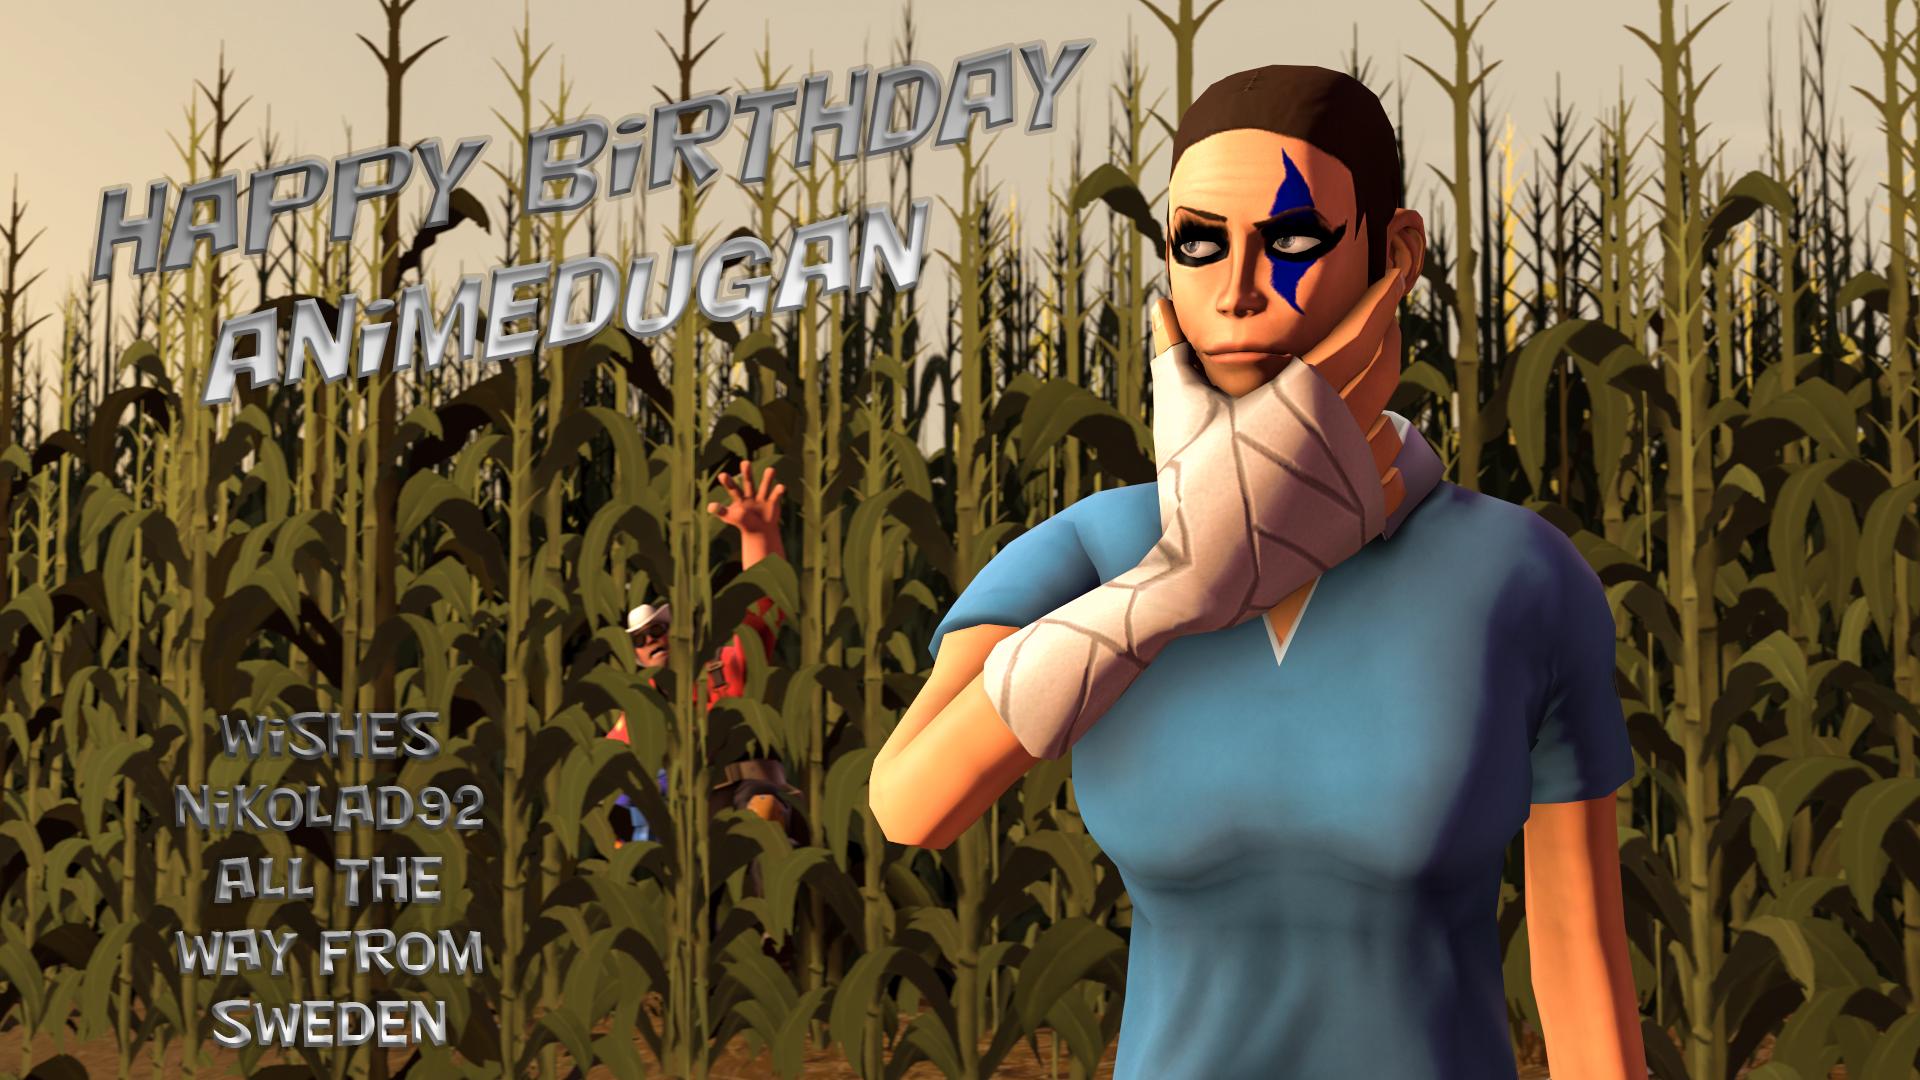 Happy BirthDay animedugan by Nikolad92